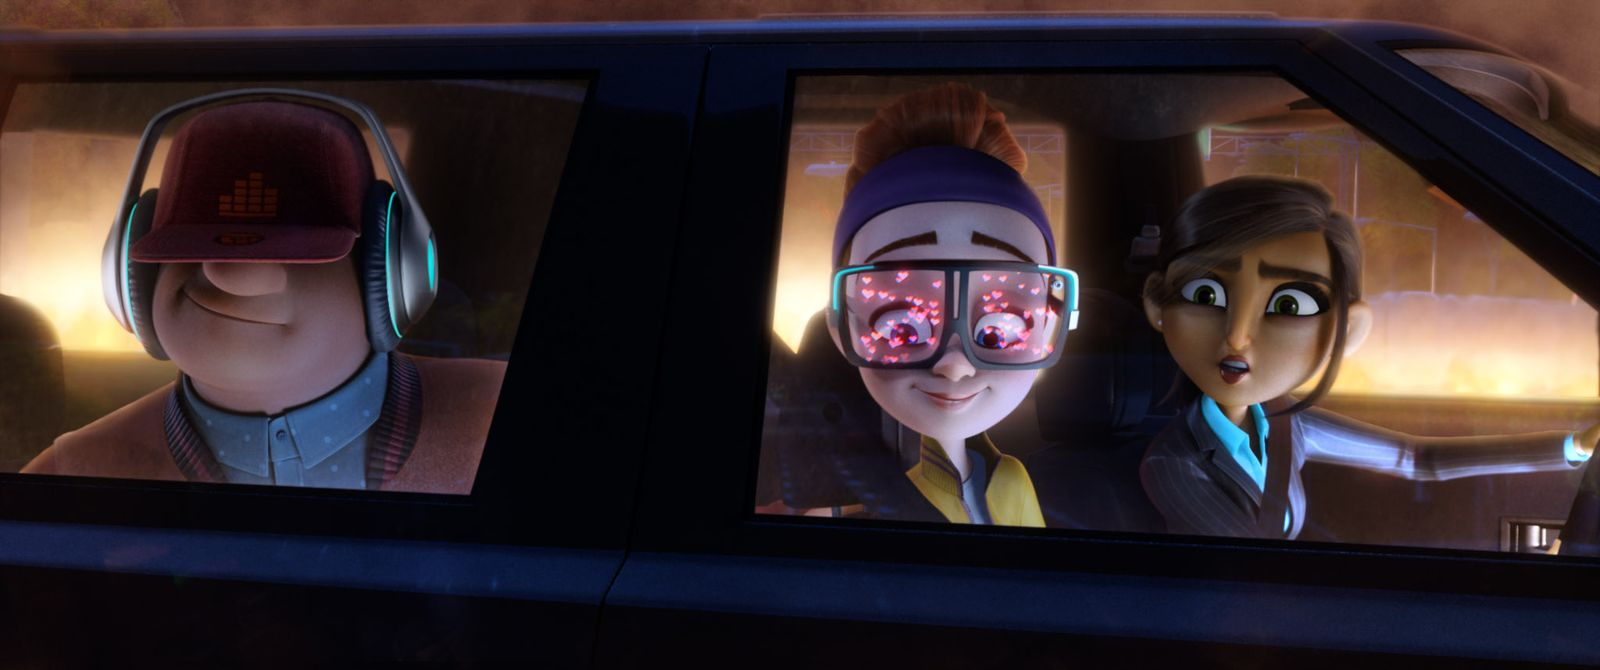 Film Maskovaní špióni (2019)